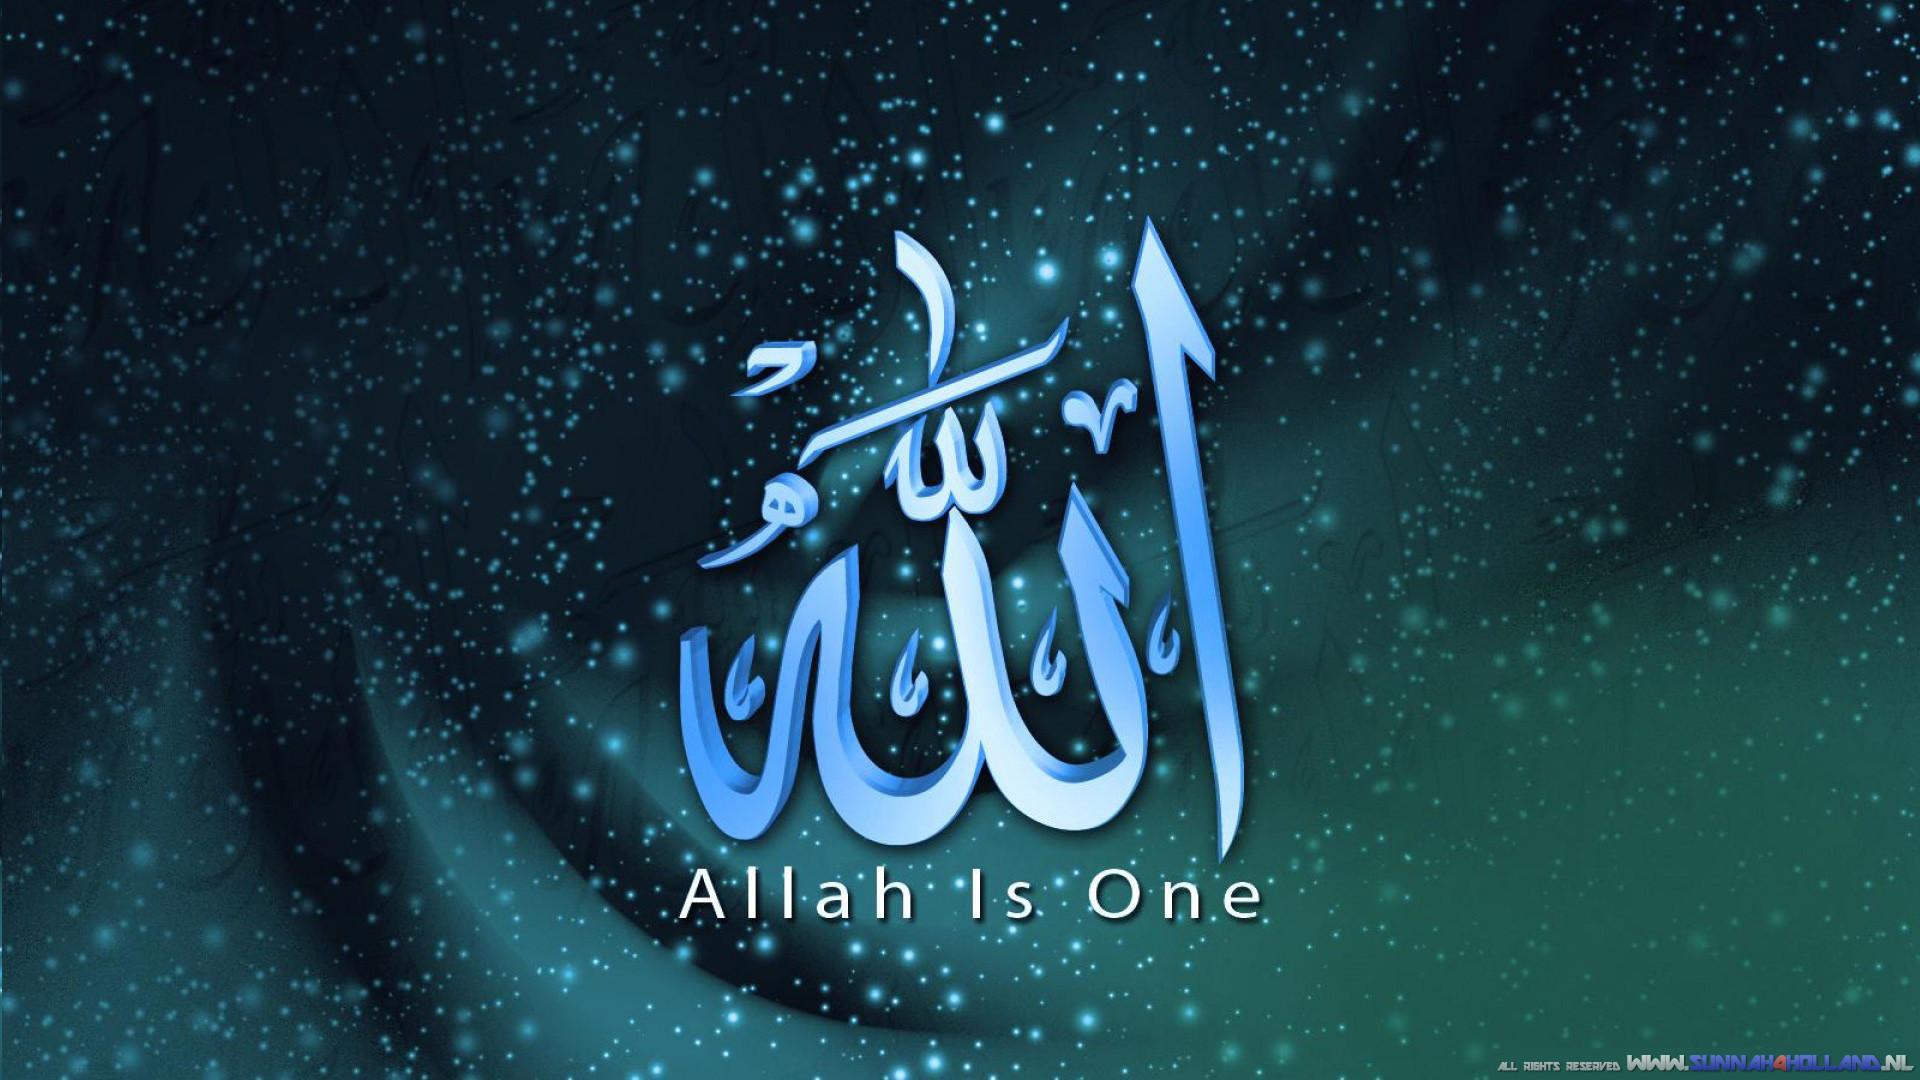 Islamic Wallpapers Islamic Desktop 800×600 Wallpapers Islami Untuk Laptop  (46 Wallpapers) |